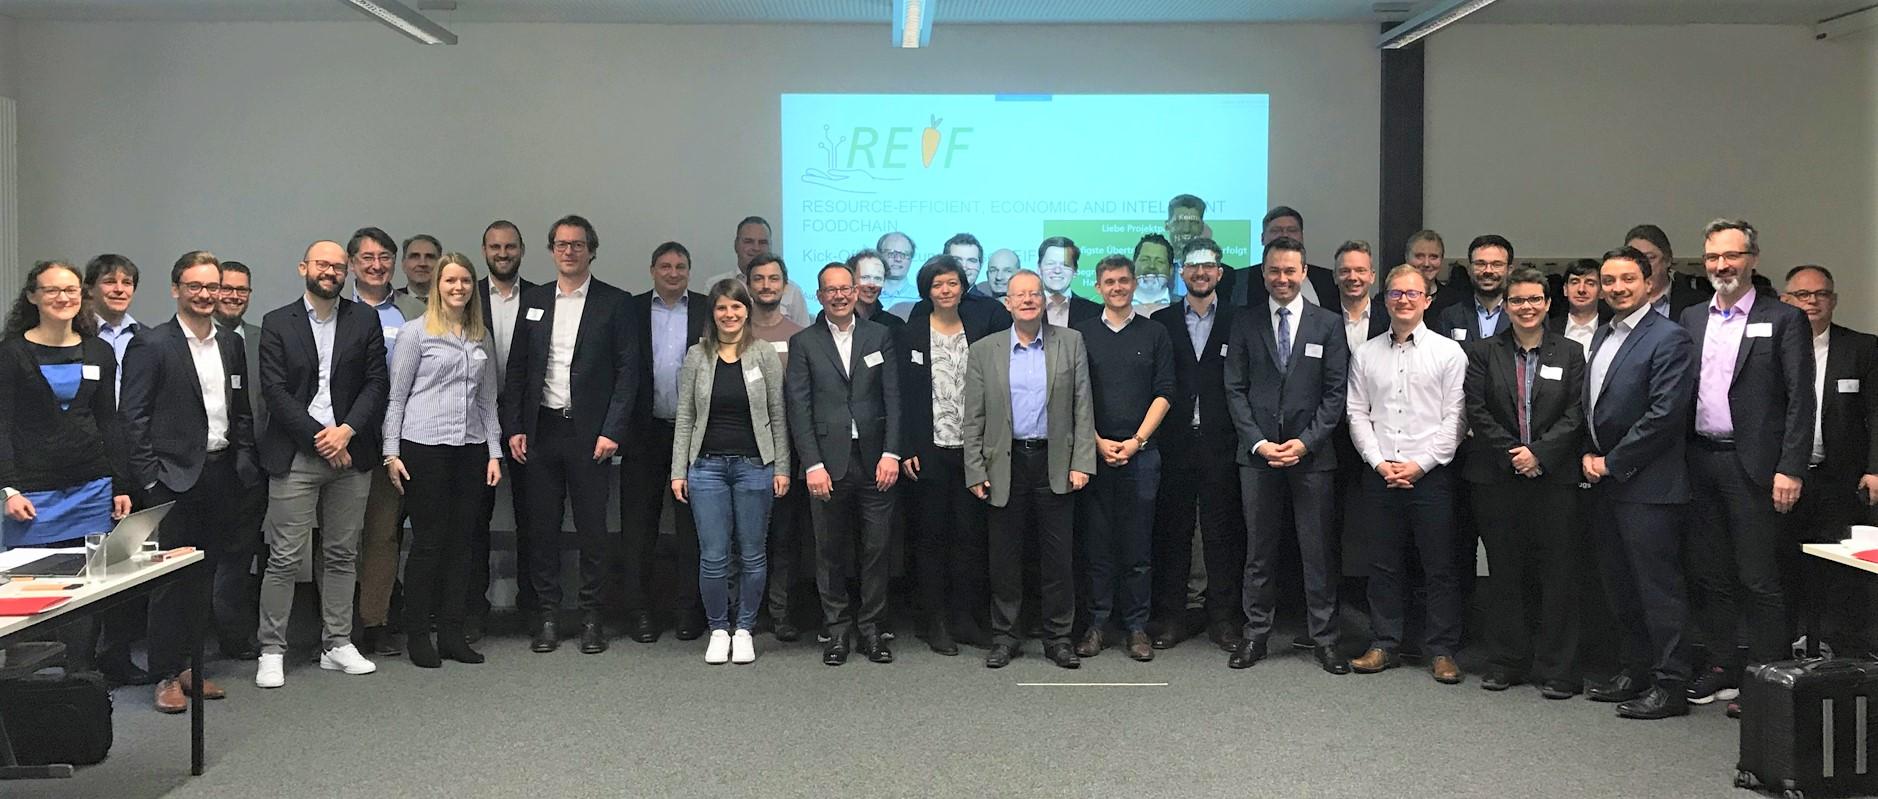 Im März kamen an der Hochschule Augsburg die Projektpartner zur Auftaktveranstaltung der Umsetzungsphase des Projekts REIF zusammen